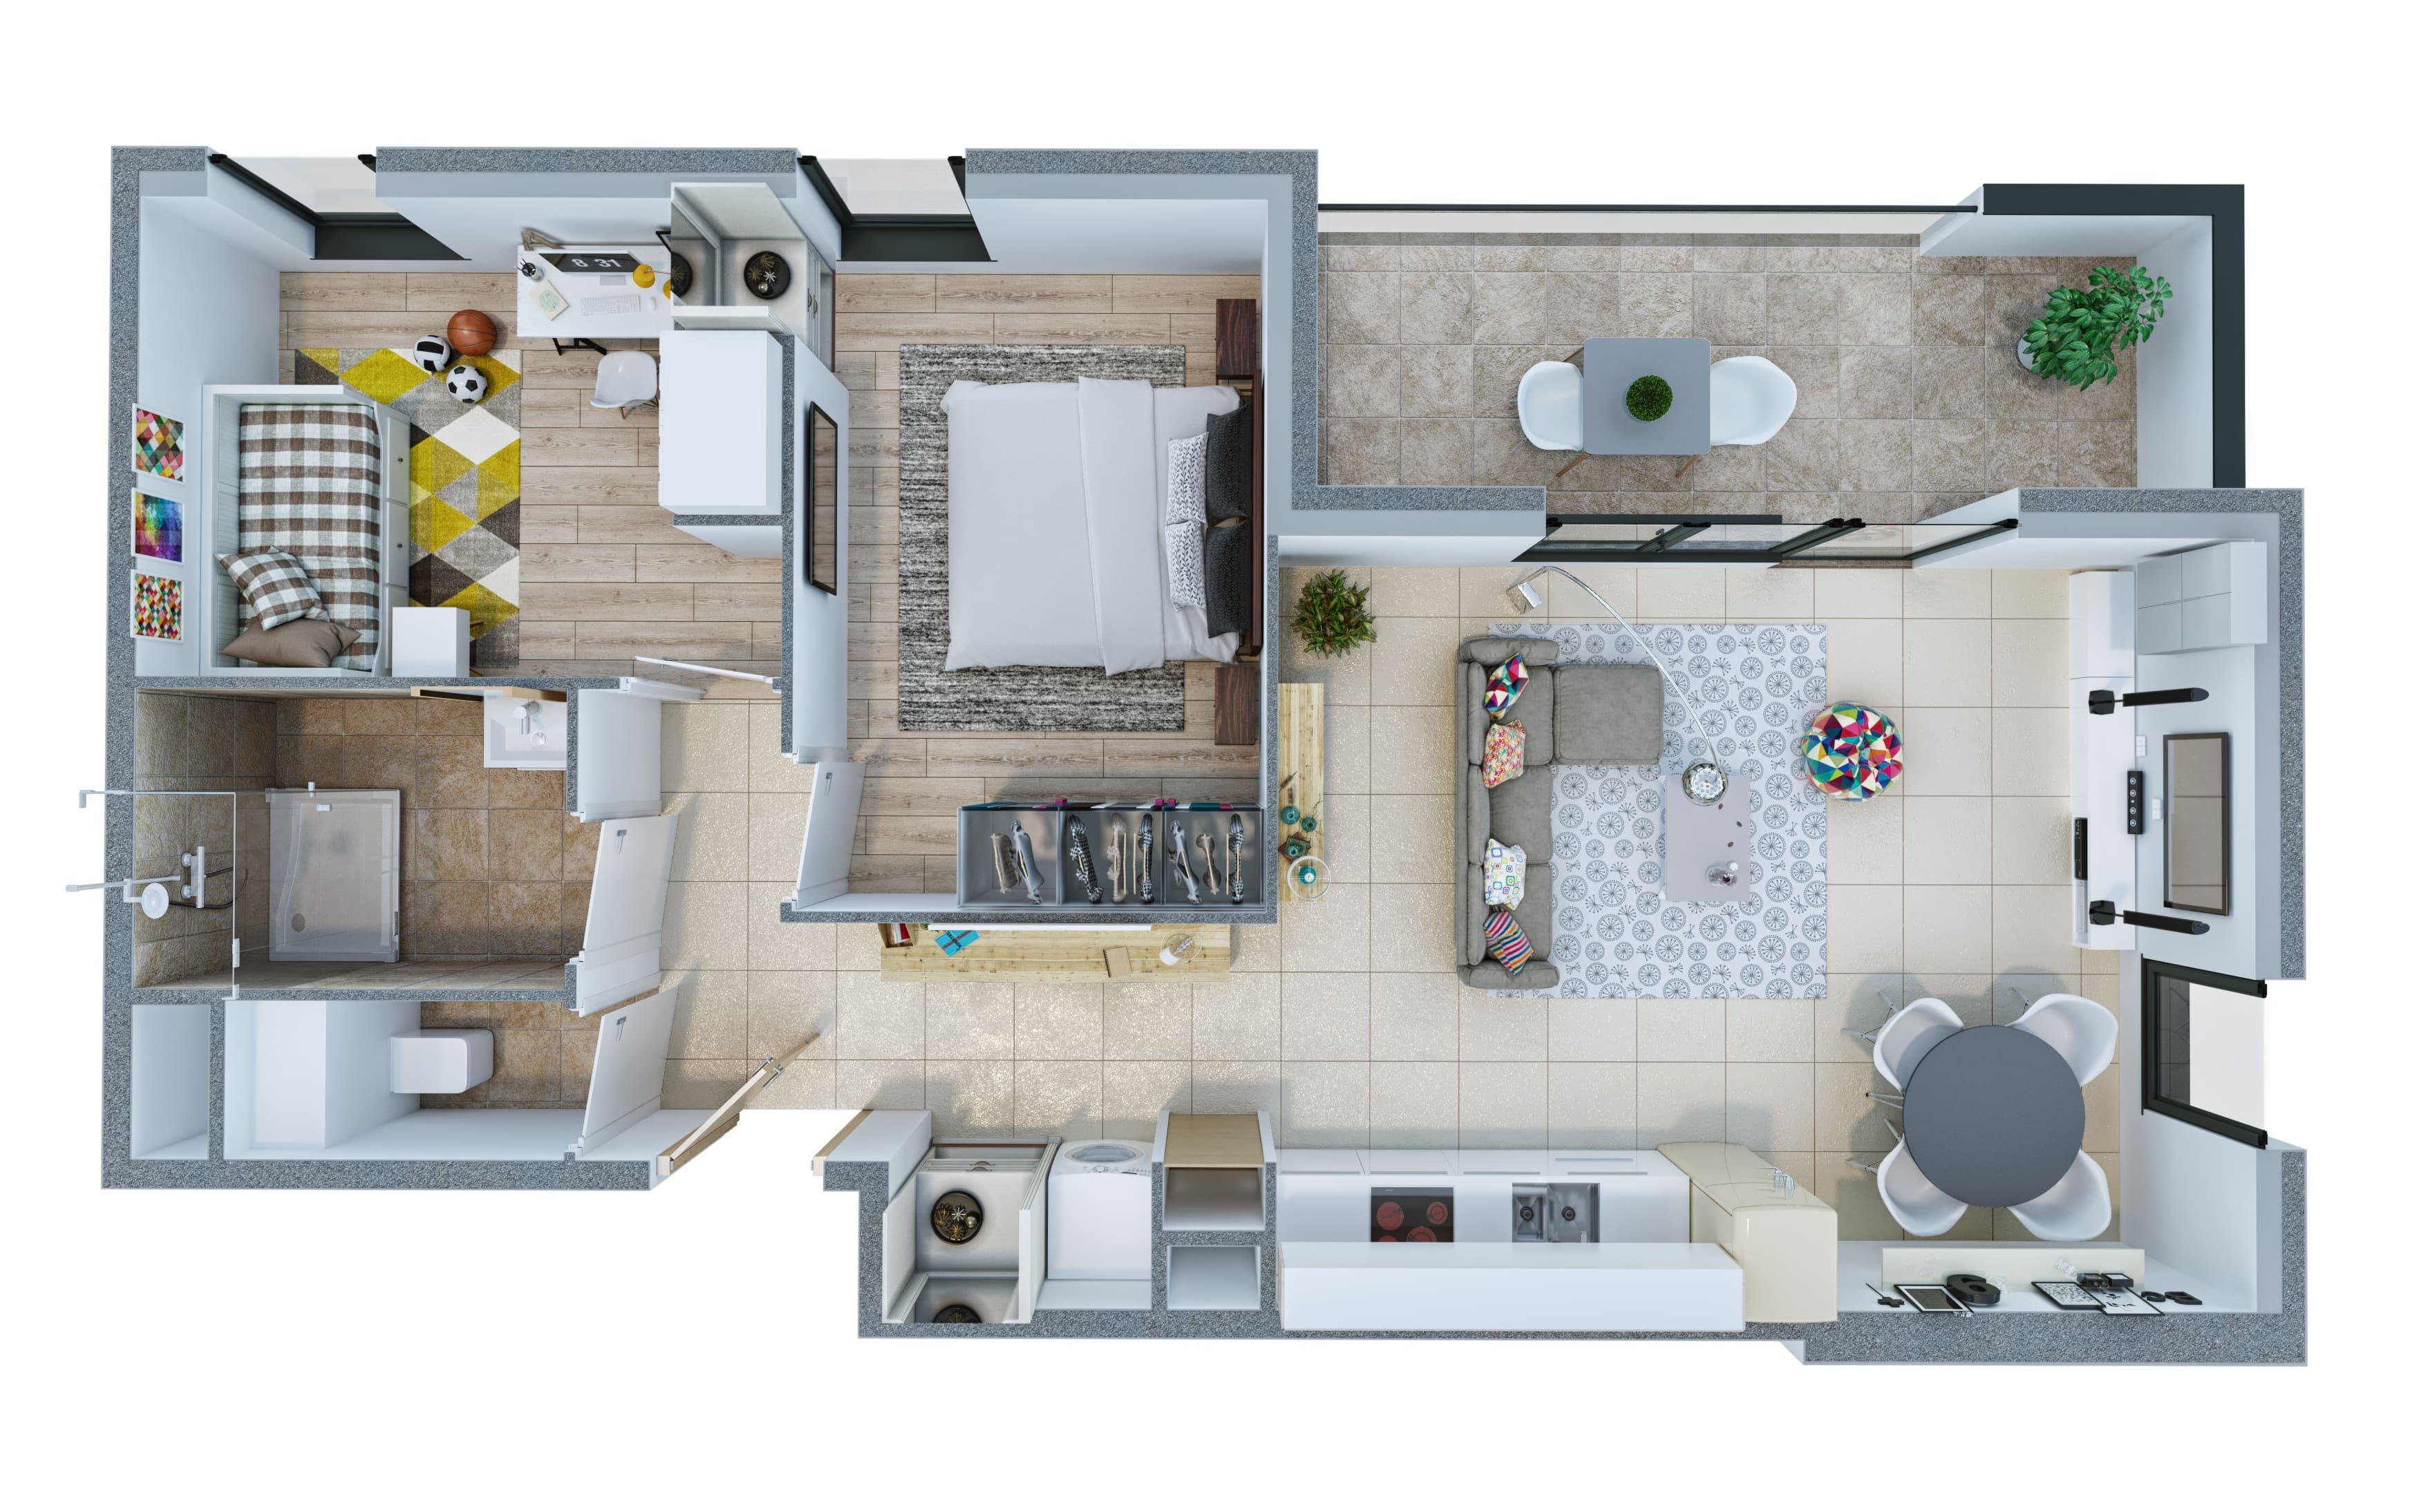 plan de vente 3d imagedoing. Black Bedroom Furniture Sets. Home Design Ideas